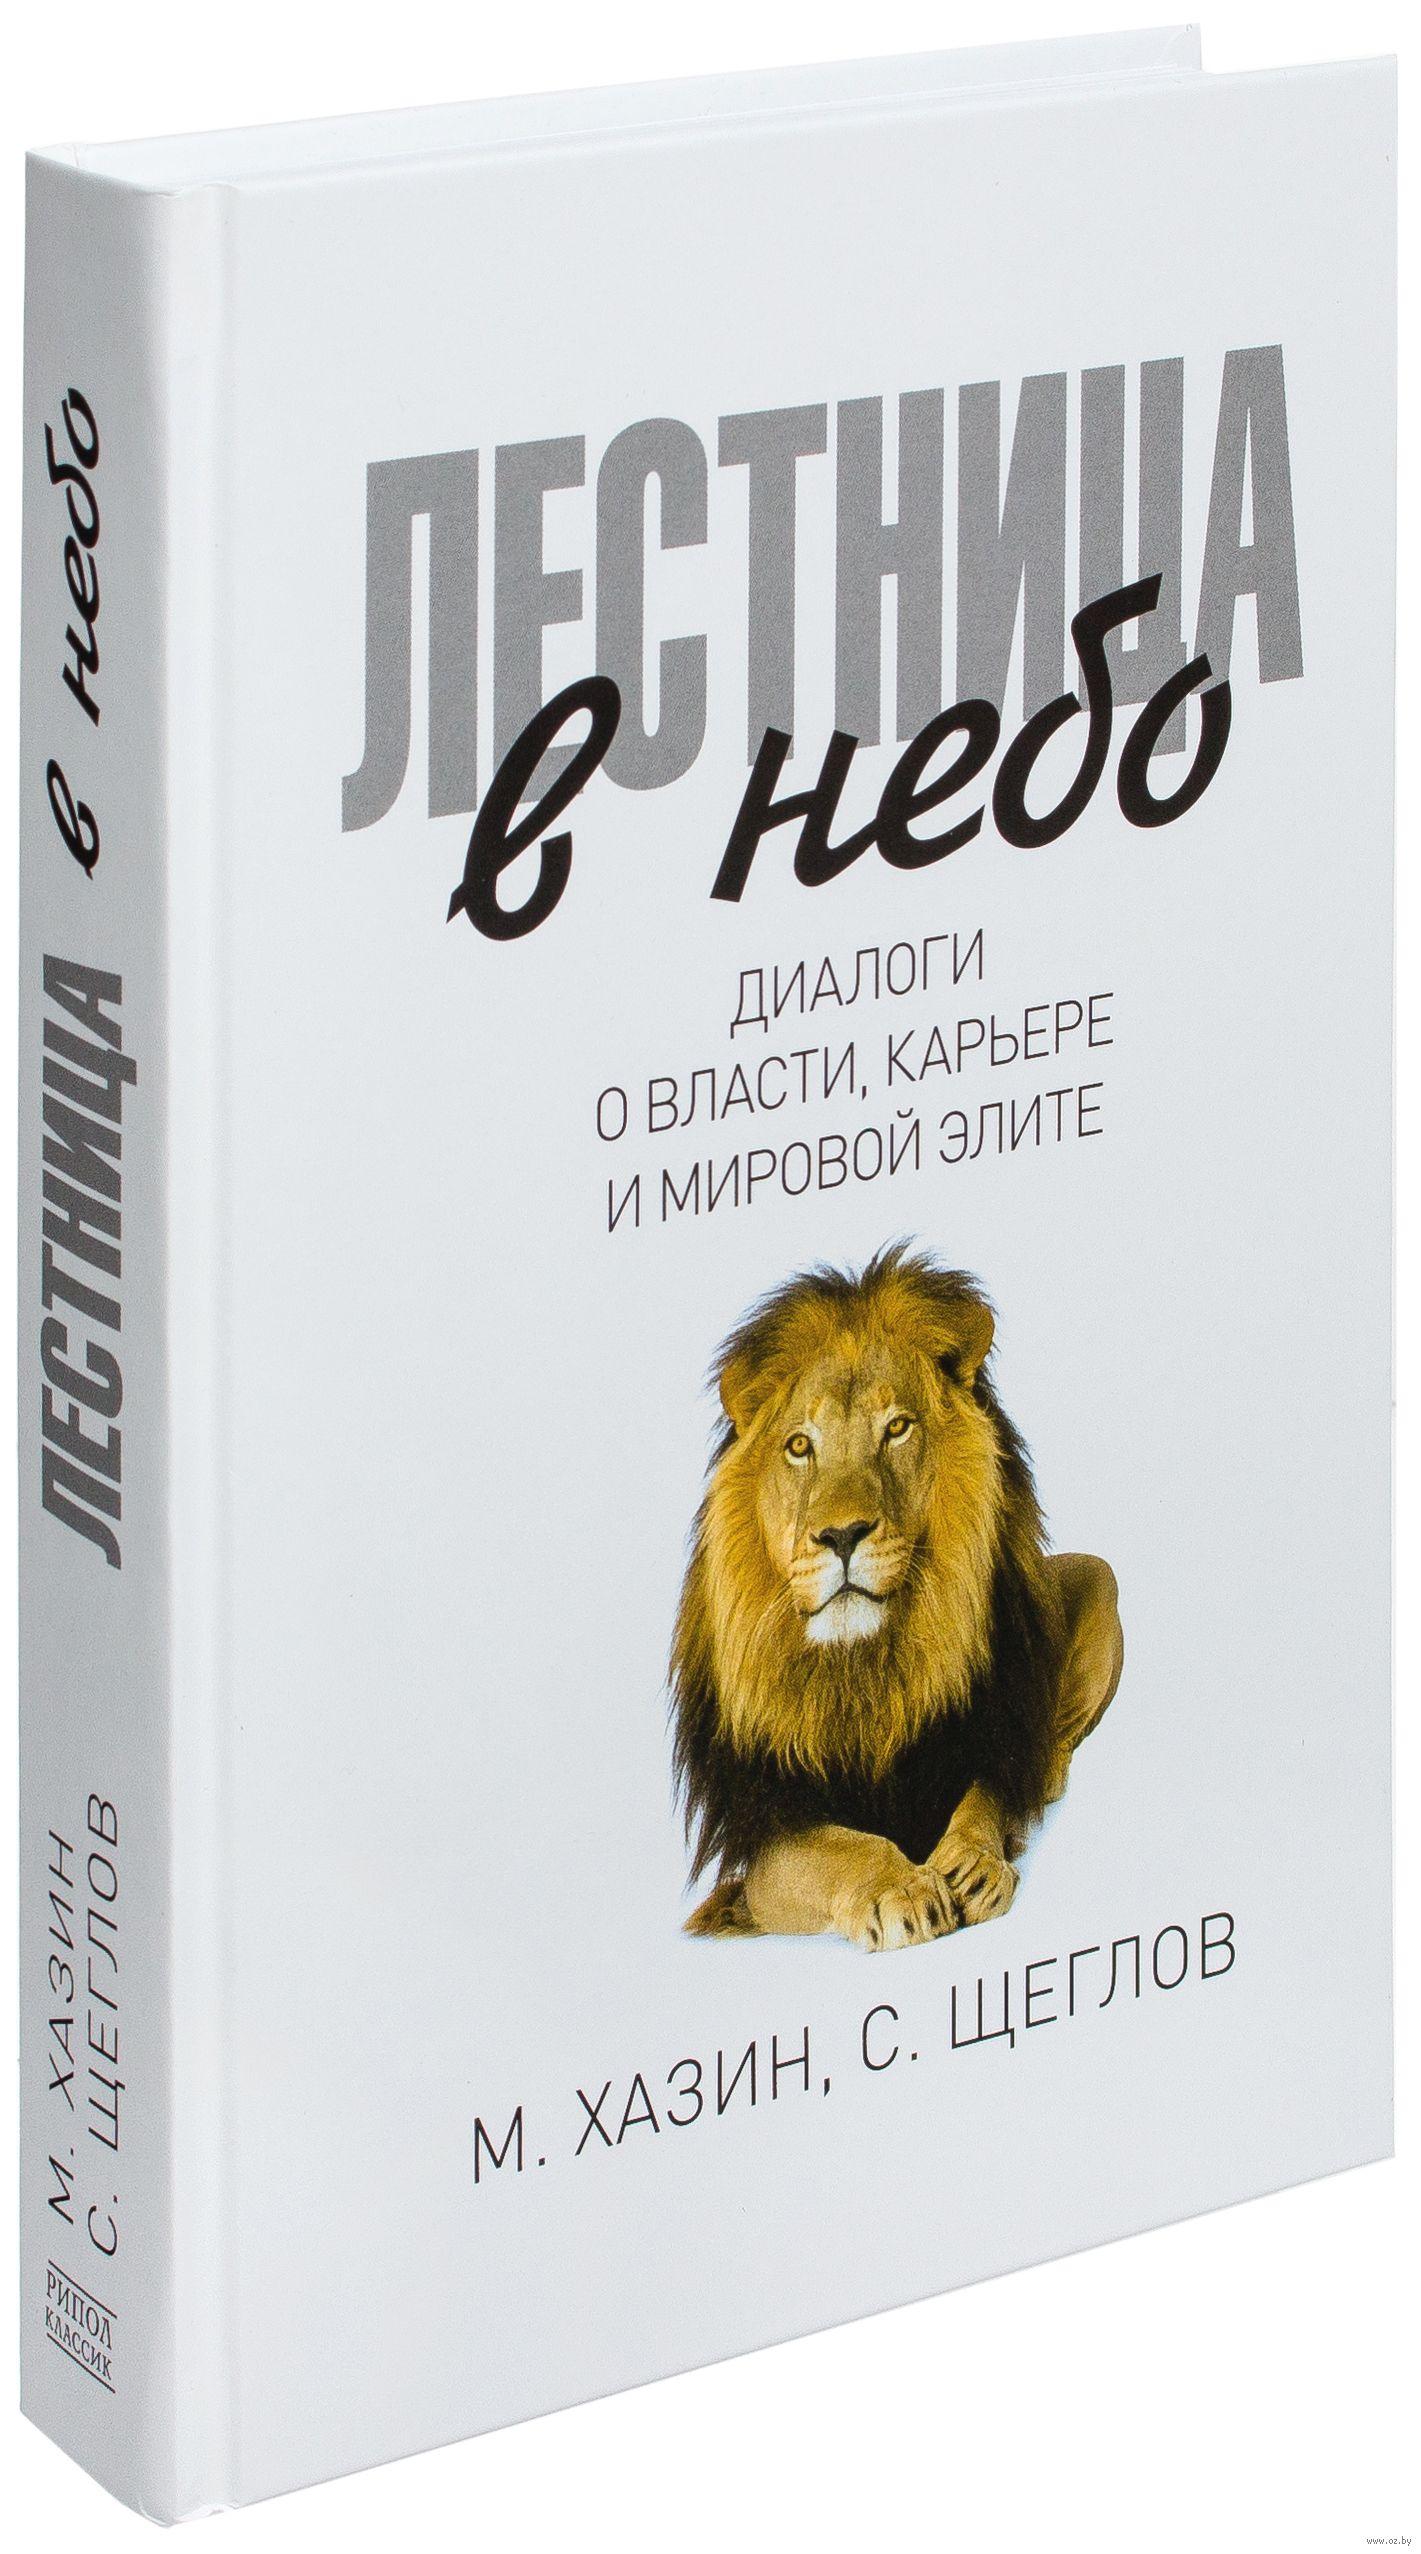 КНИГА ЛЕСТНИЦА В НЕБО ХАЗИНА СКАЧАТЬ БЕСПЛАТНО